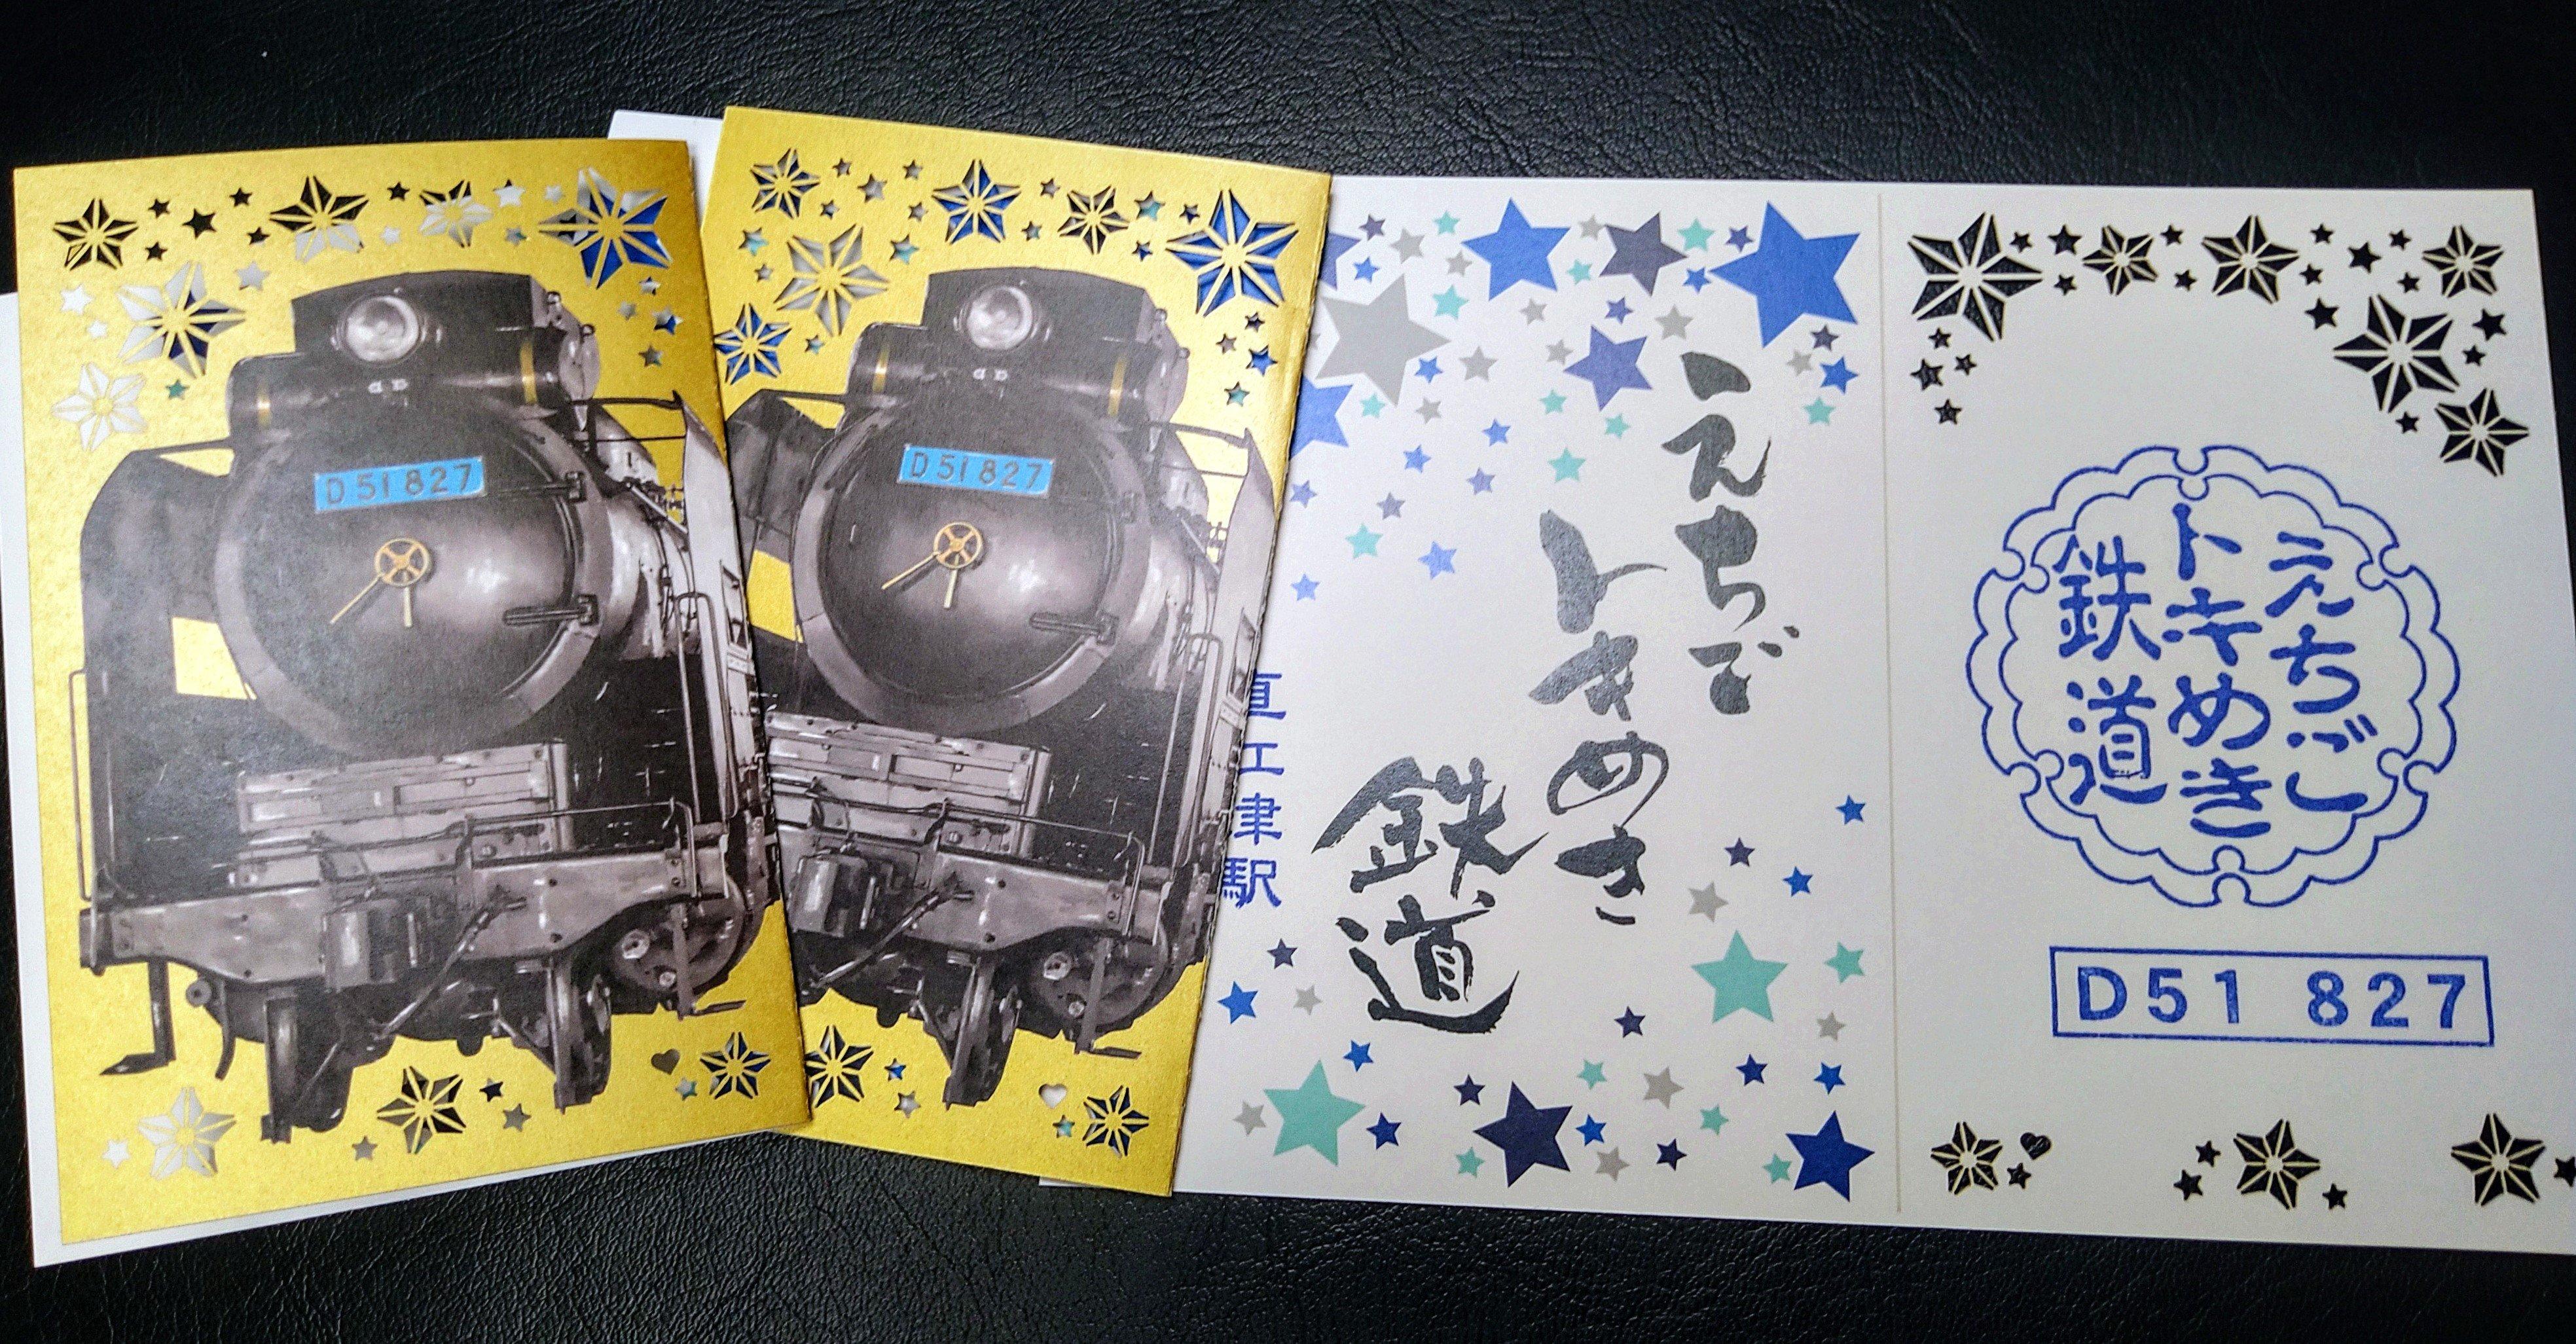 「直江津D51レールパーク」オープン記念鉄印